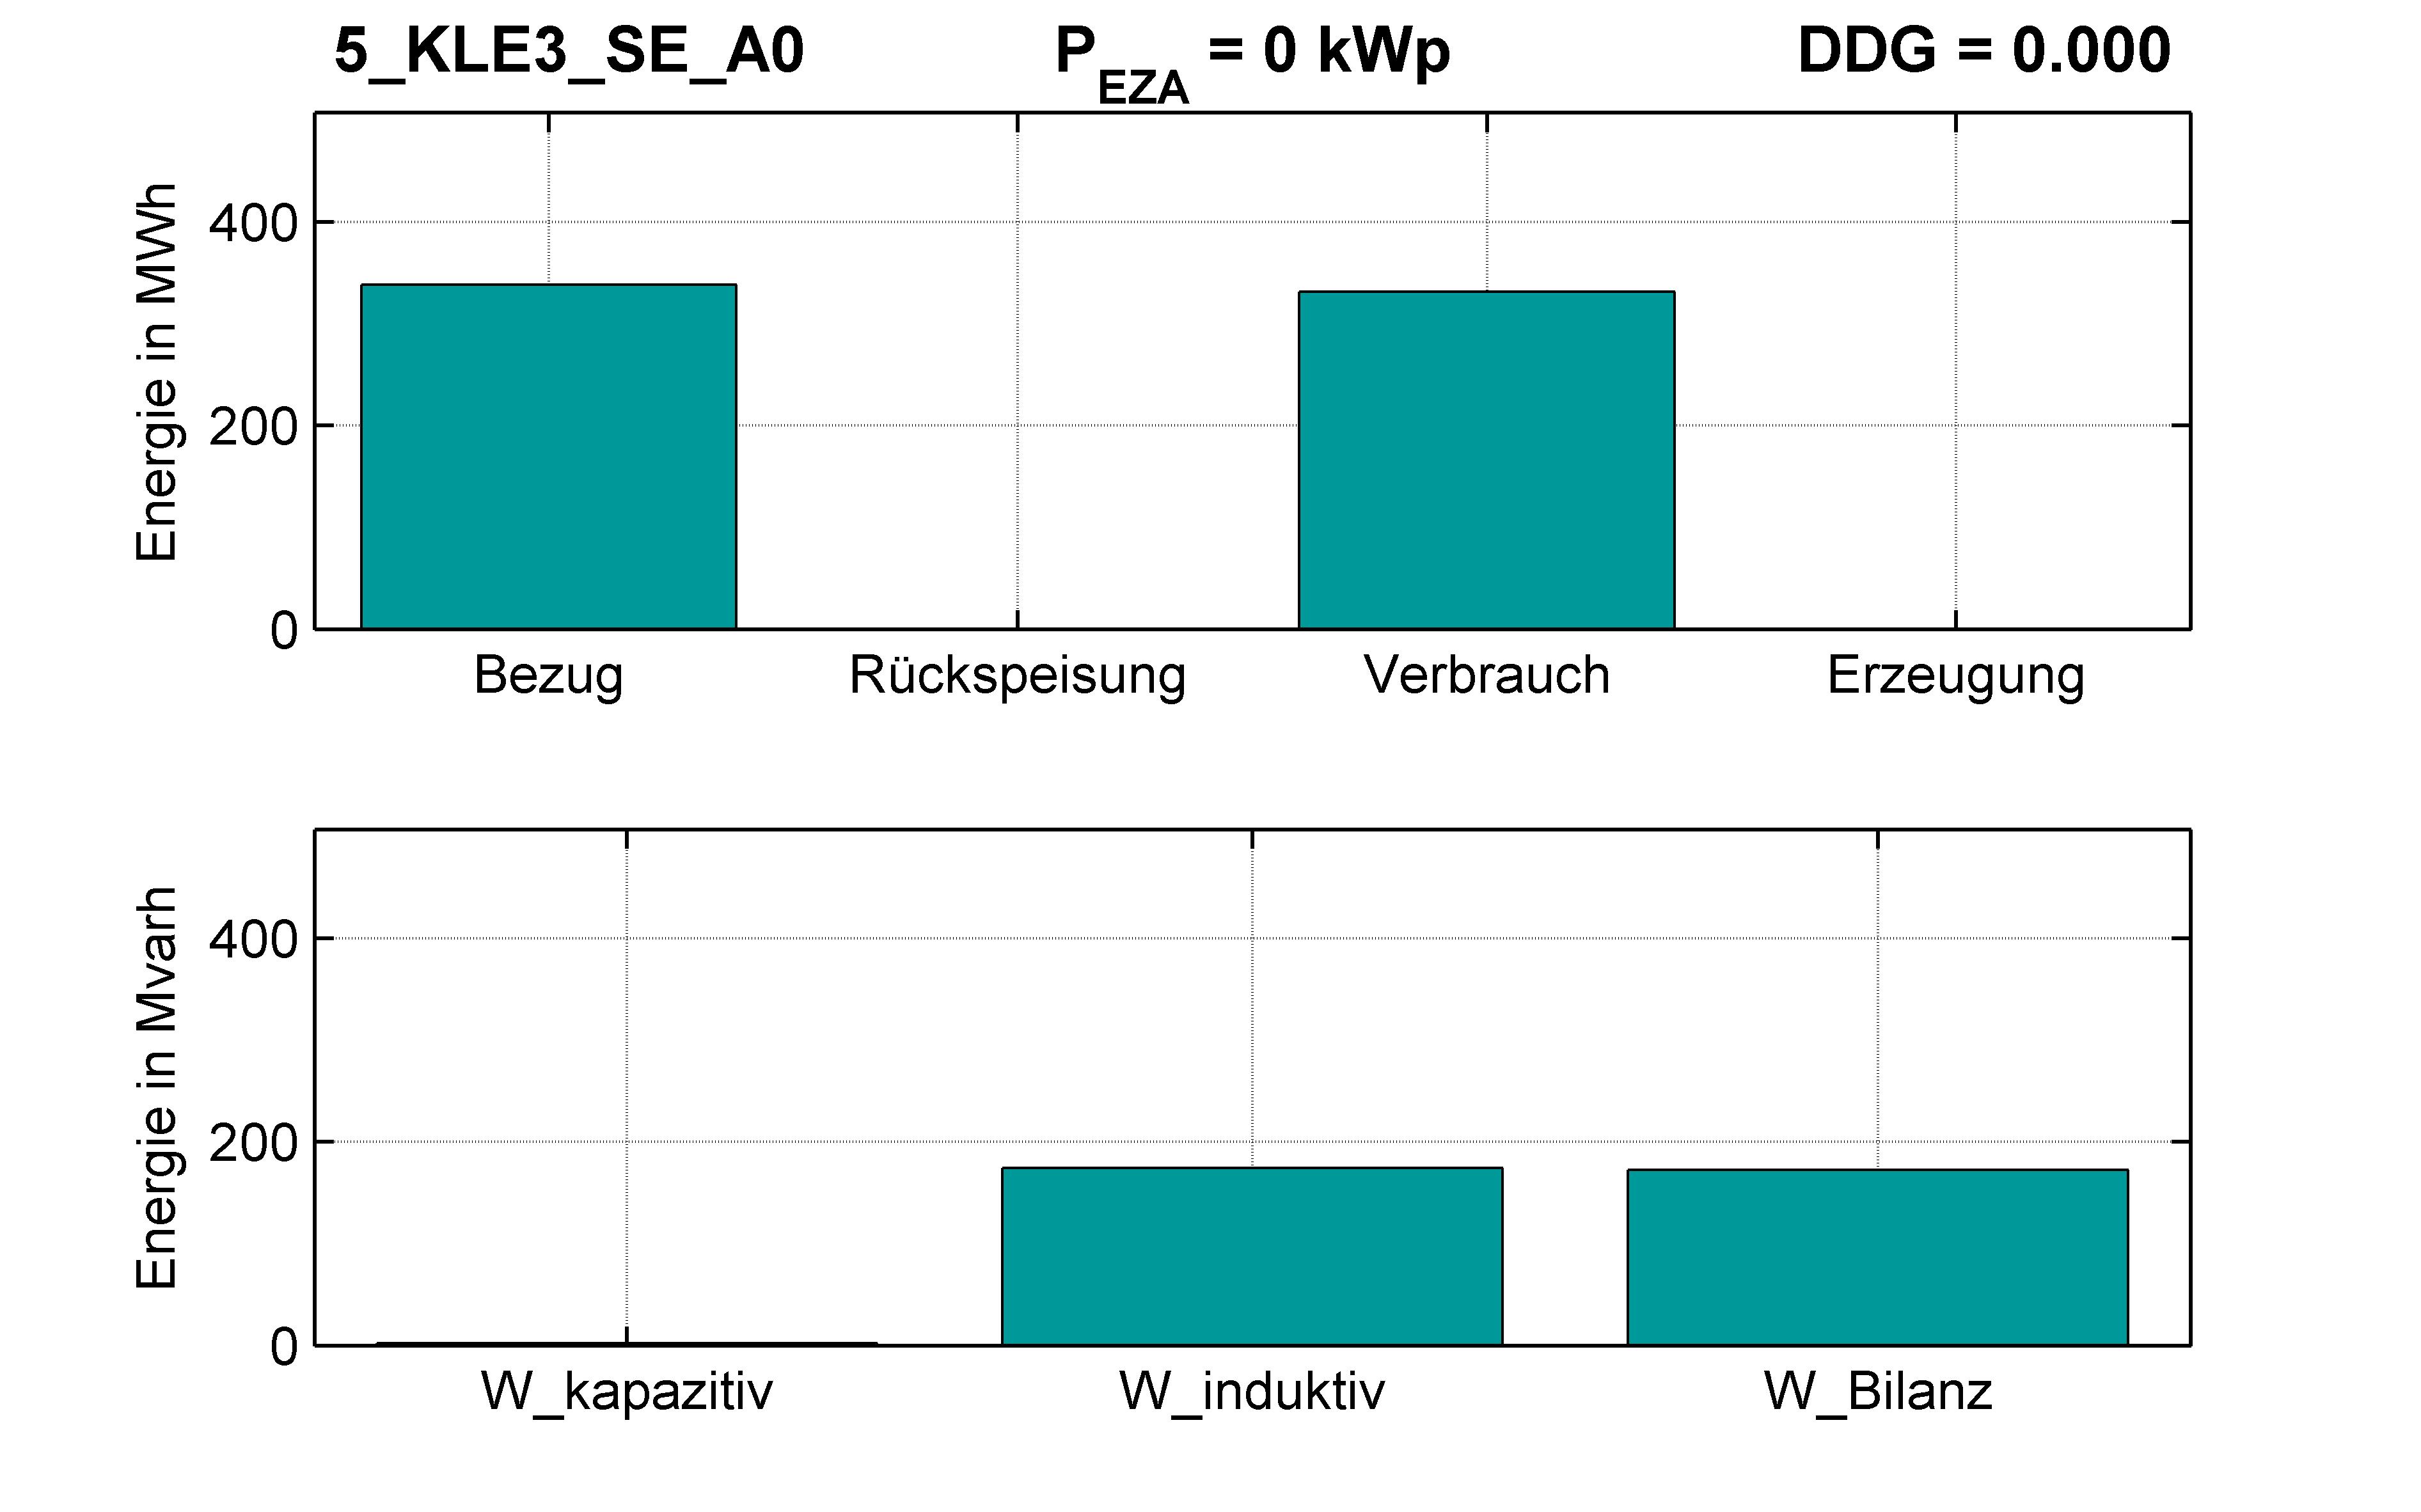 KLE3 | STATION (SE) A0 | PQ-Bilanz